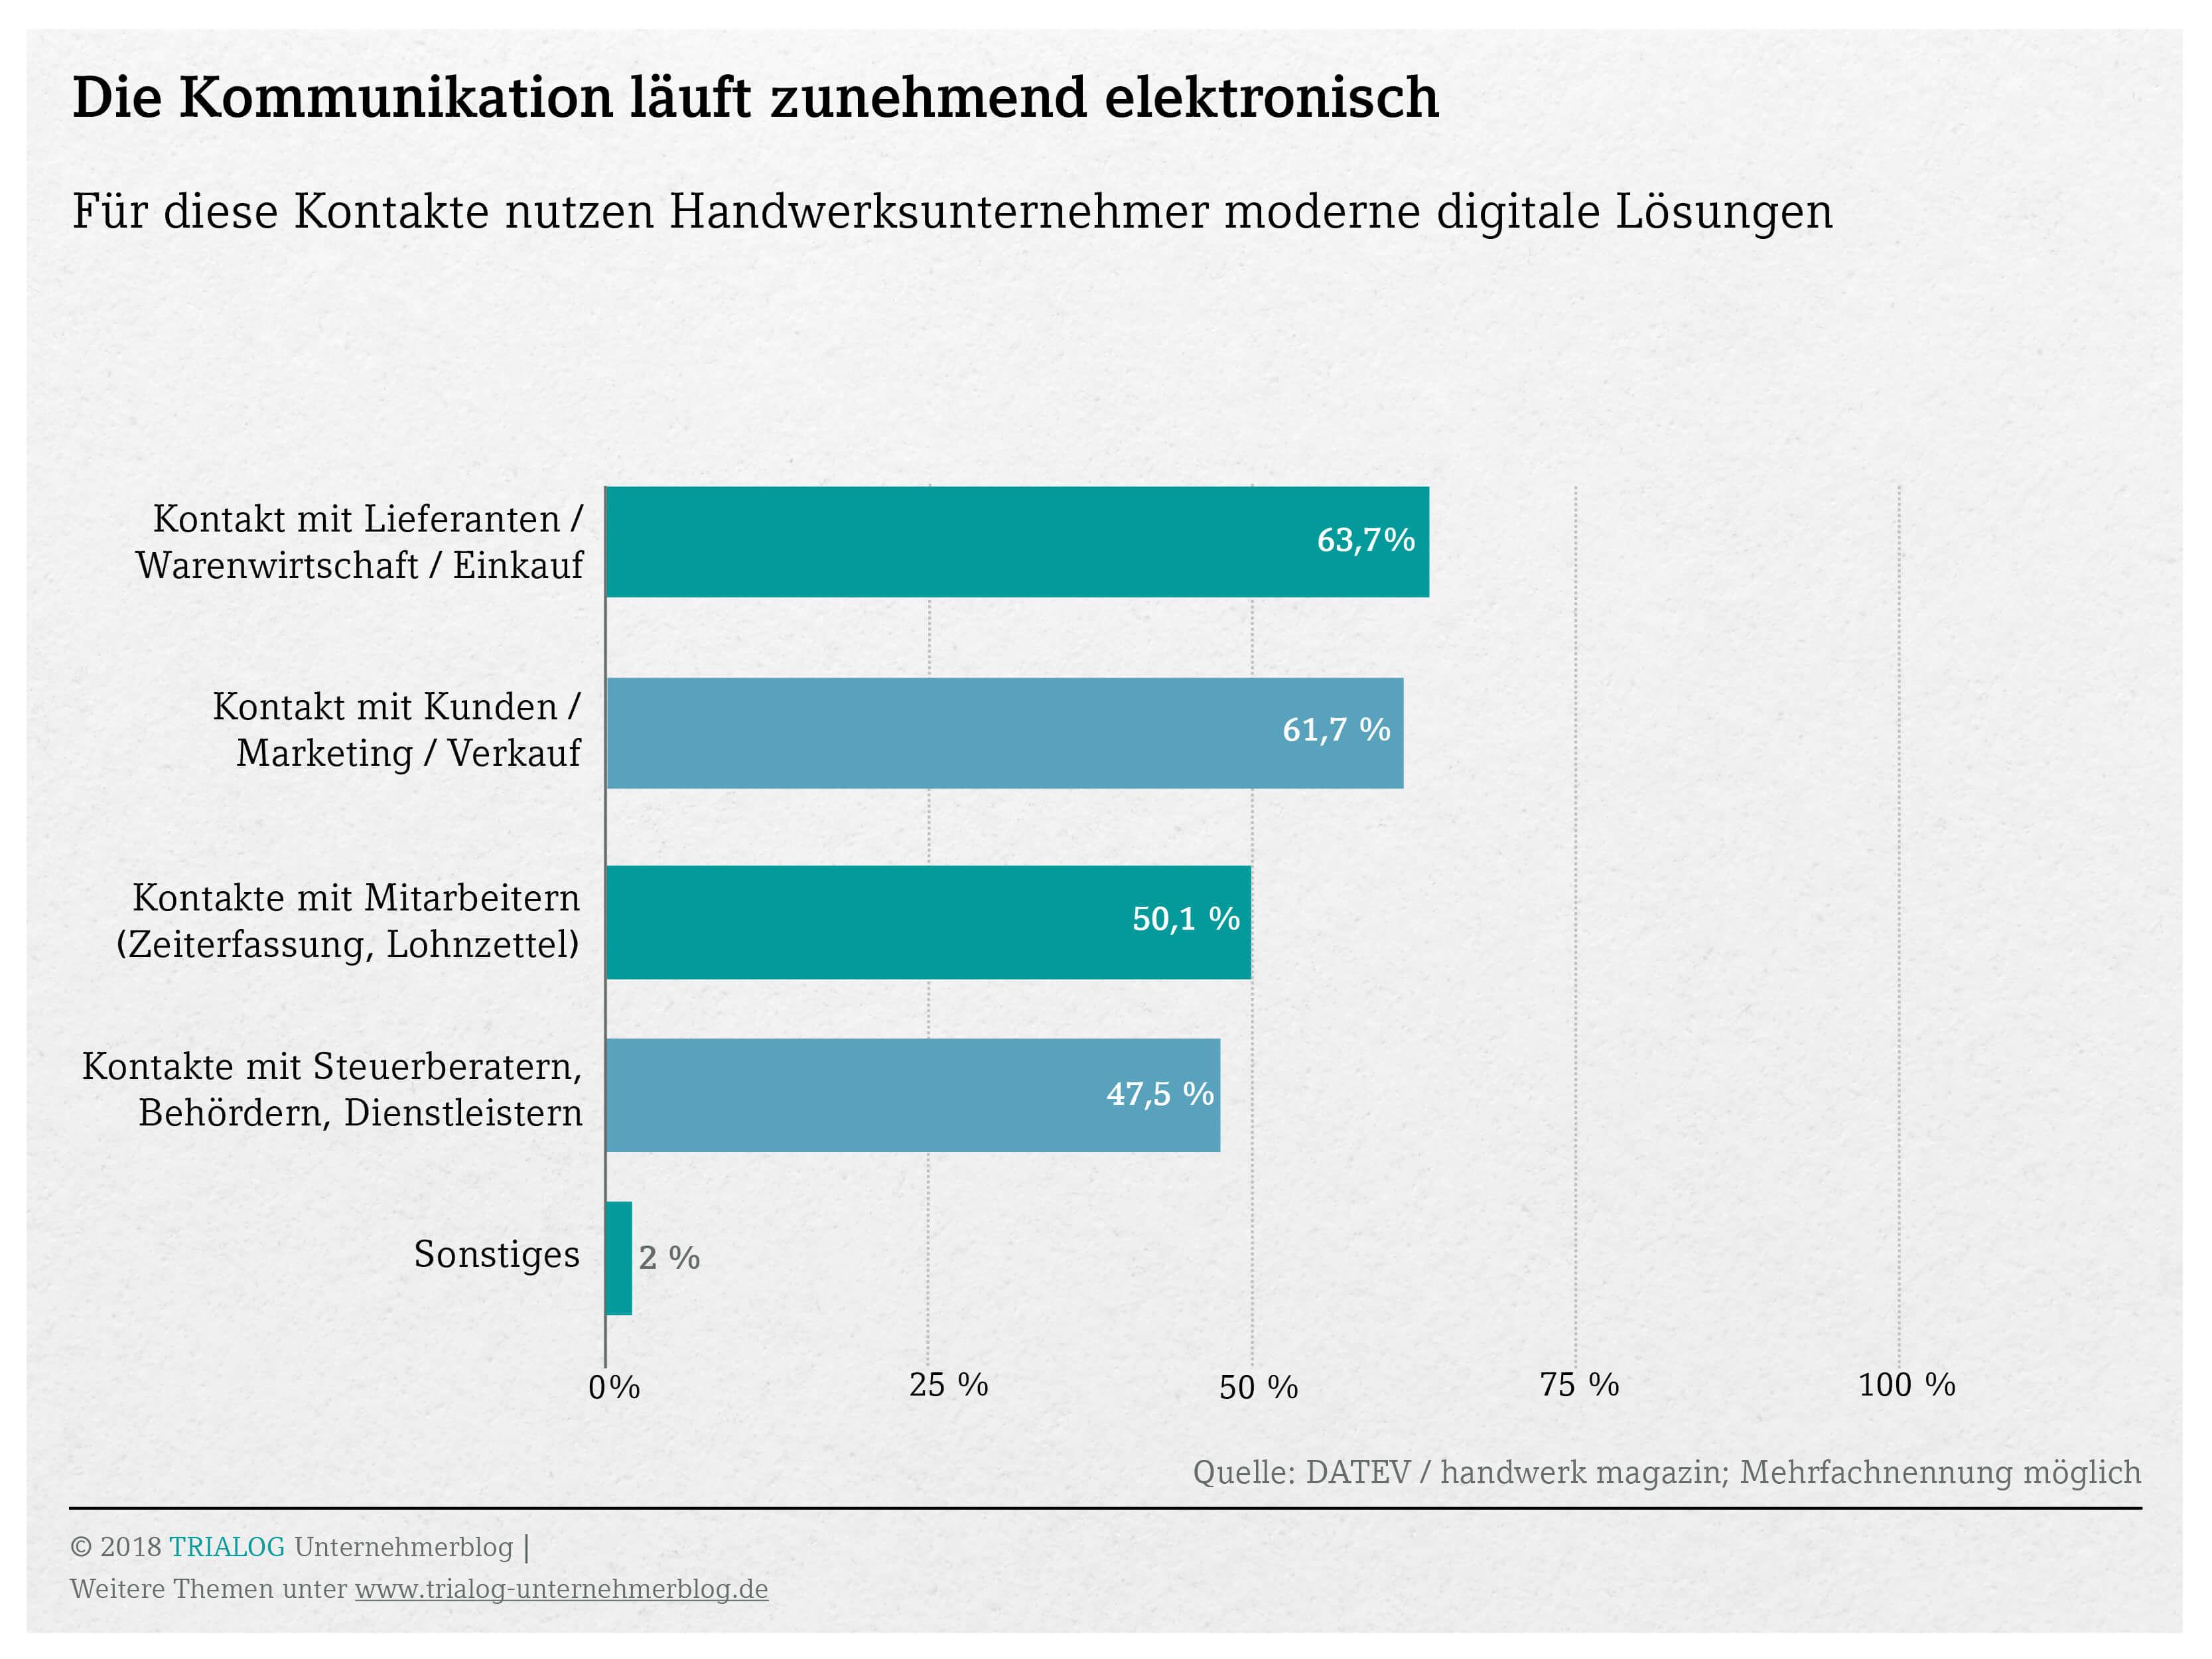 Balkengrafik in welchen Bereichen die Kommunikation digital abgewickelt wird